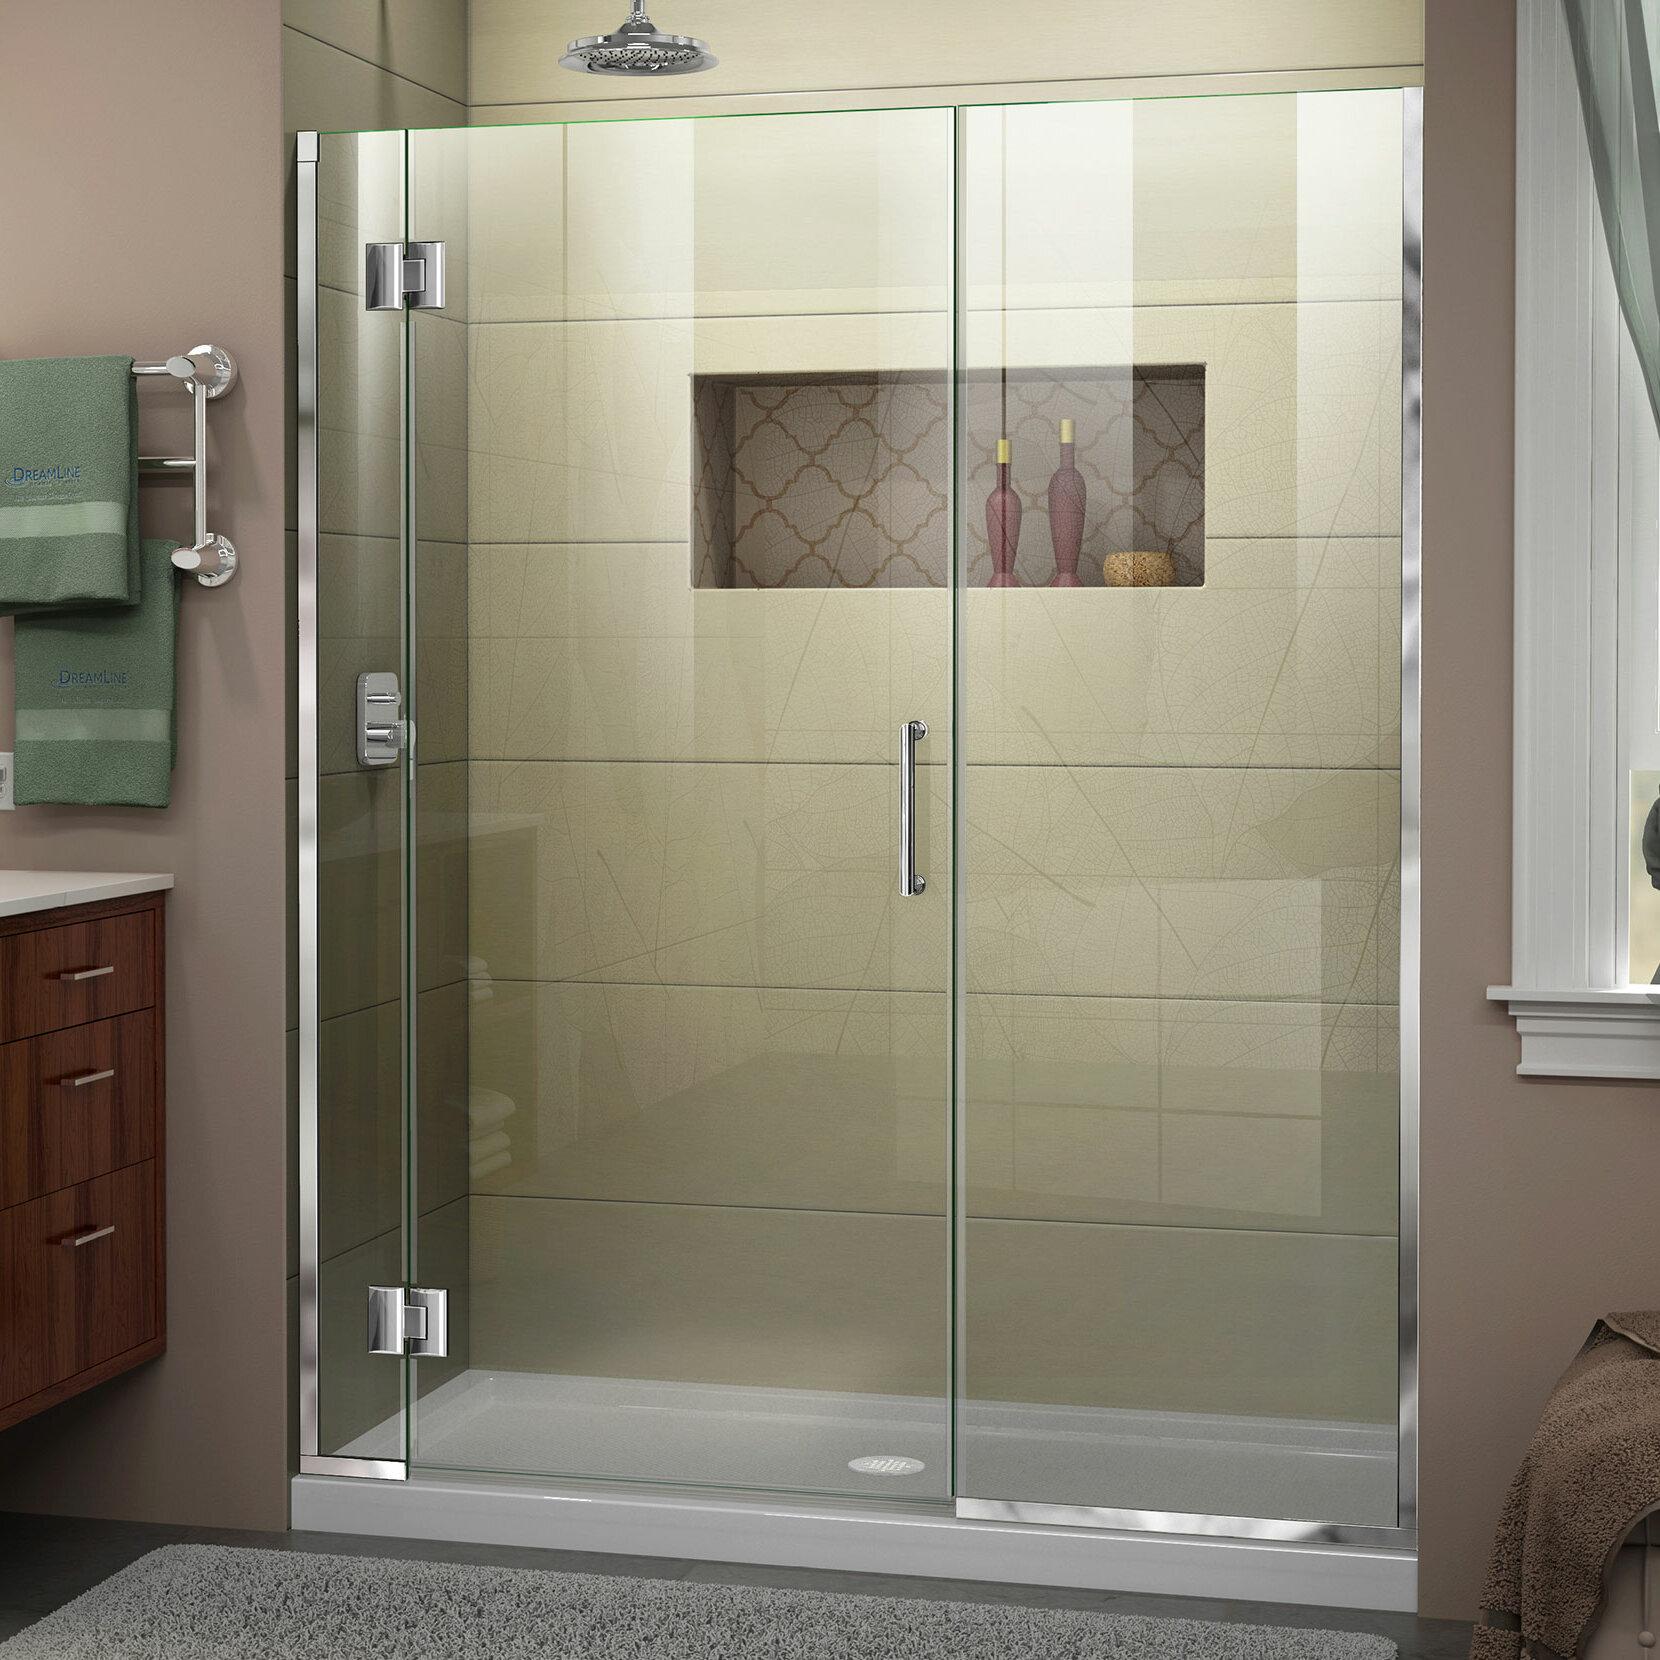 Unidoor X 62 1 2 63 In W X 72 In H Frameless Hinged Shower Door